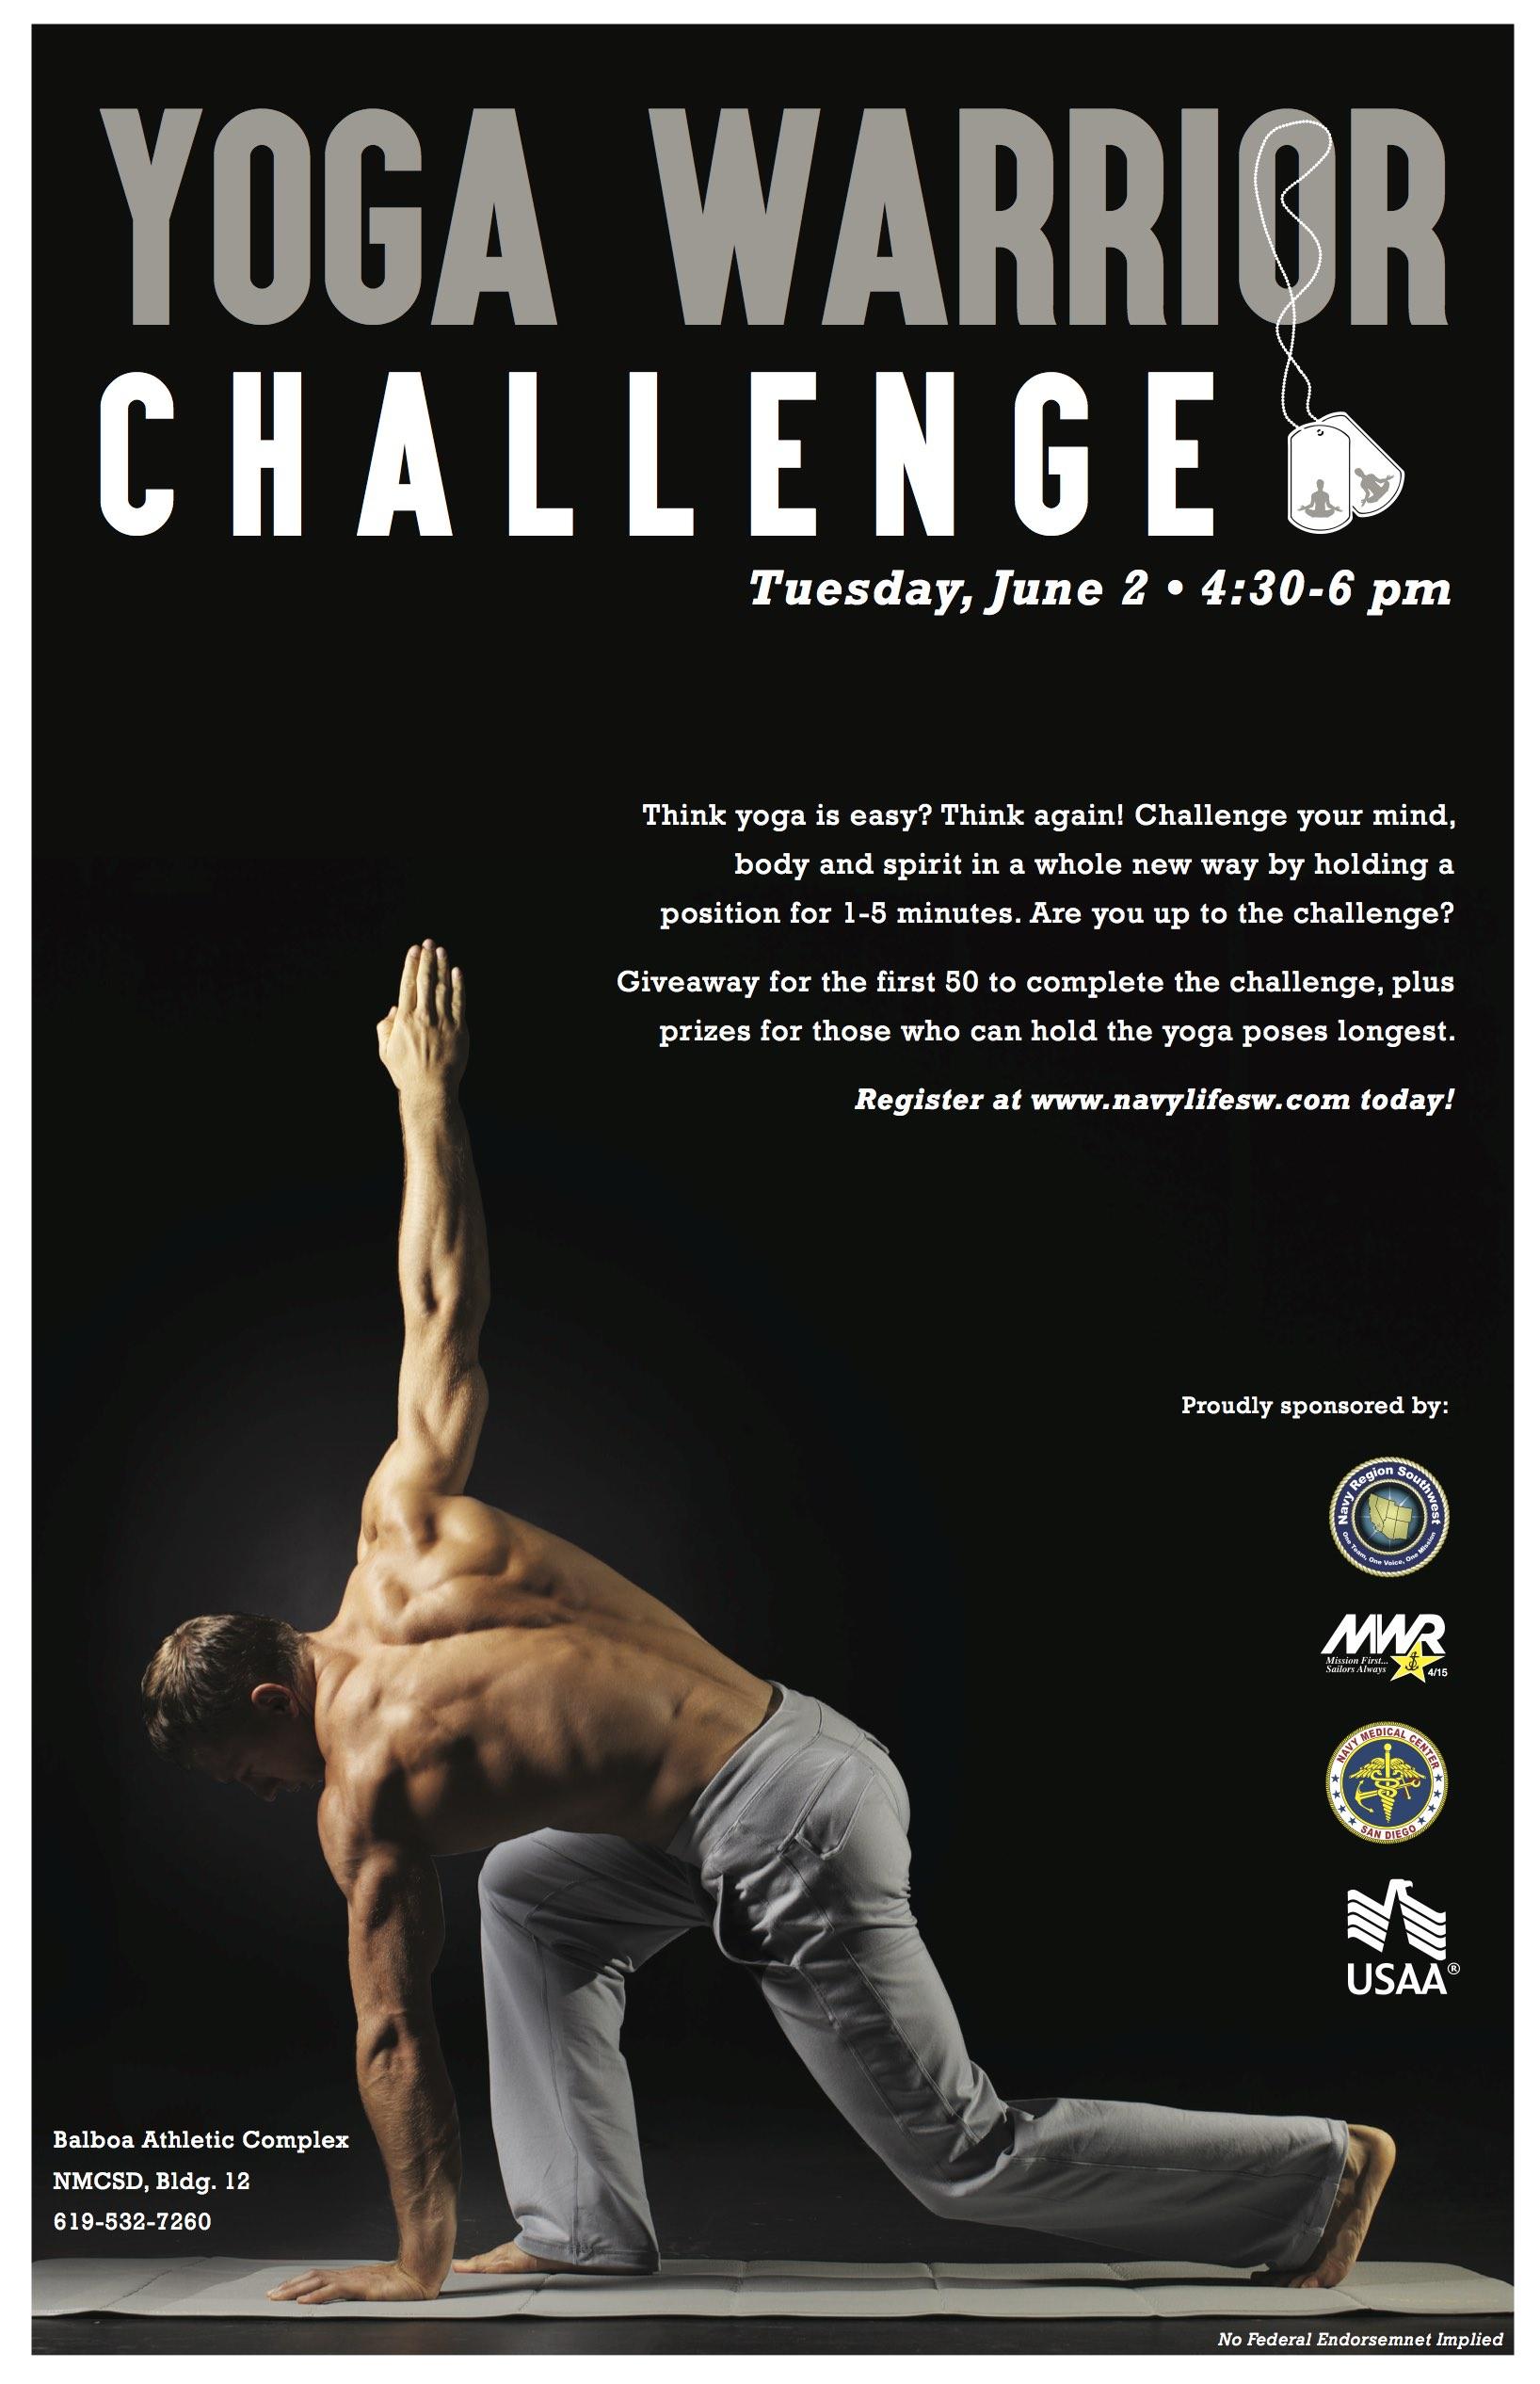 Yoga Warrior Challenge